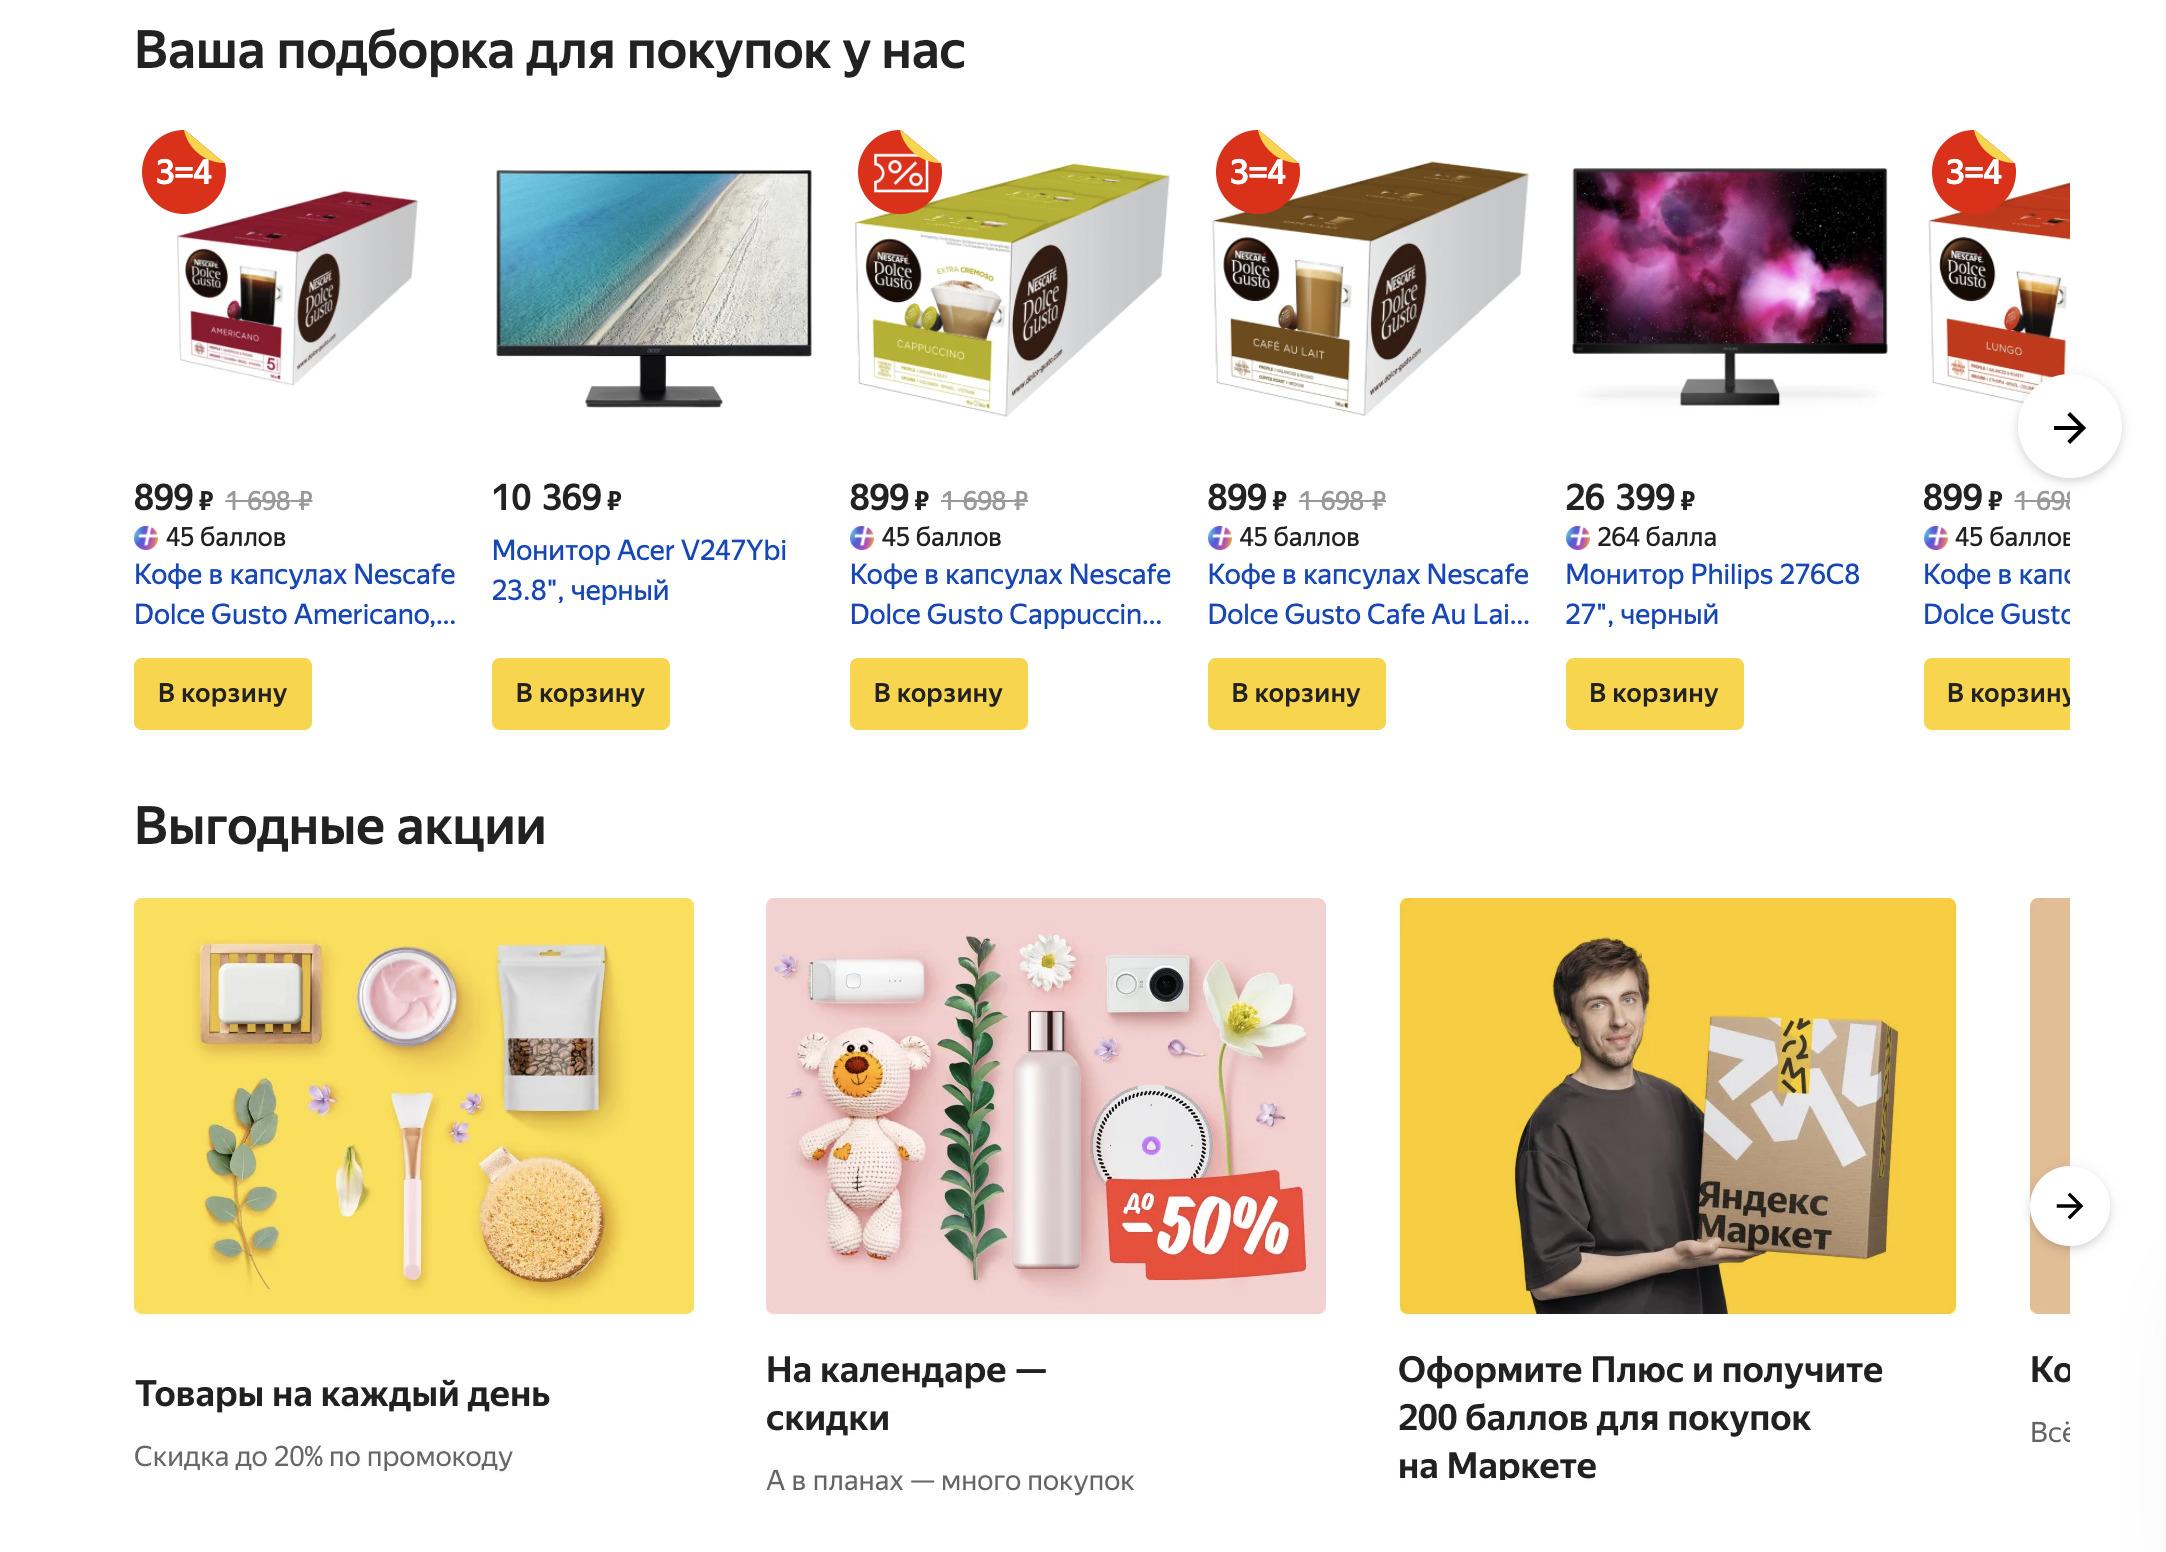 Доставка из Яндекс.Маркет в Ивантеевка, сроки, пункты выдачи, каталог